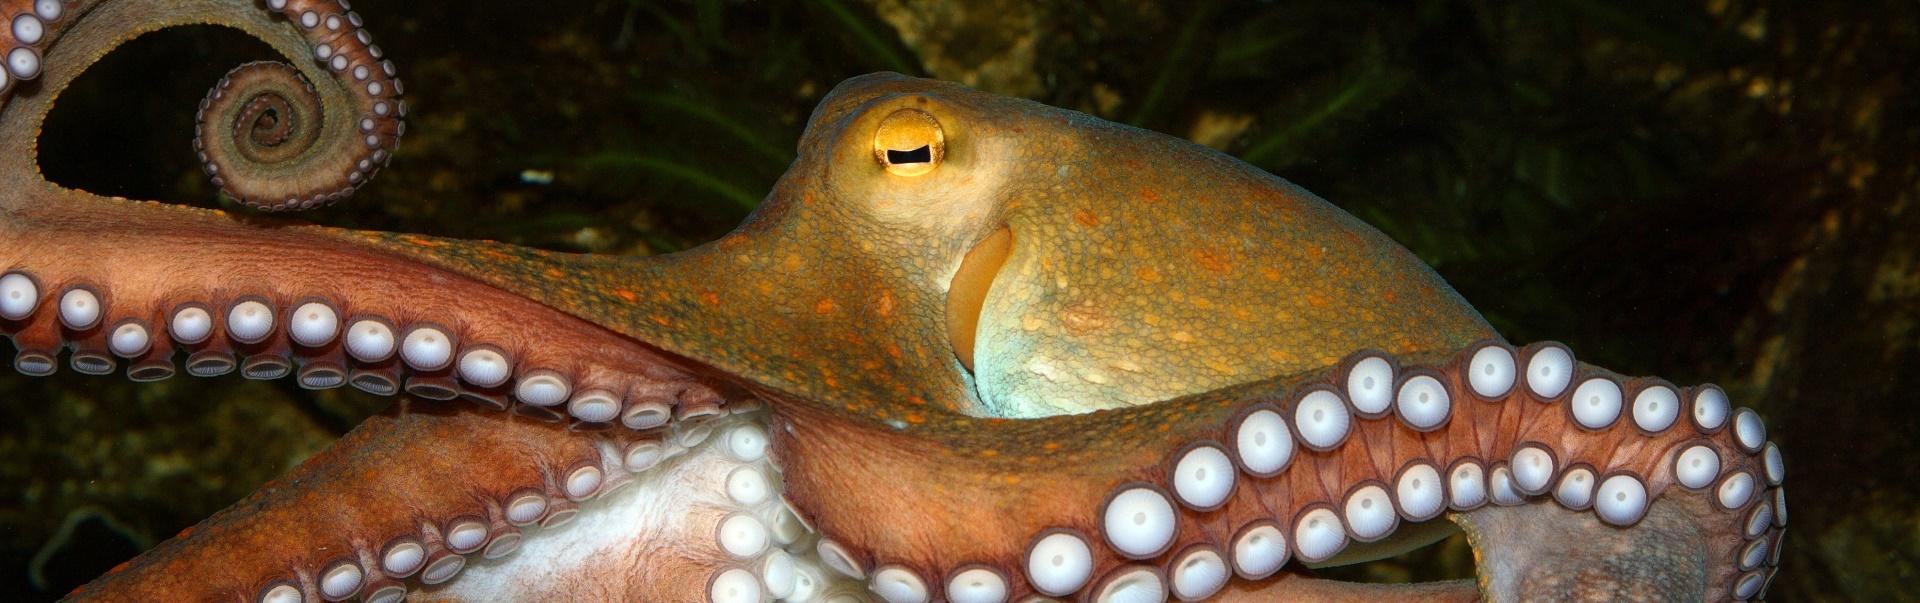 Curiozităţi despre ochii animalelor – Cele mai surprinzătoare fapte – Partea I